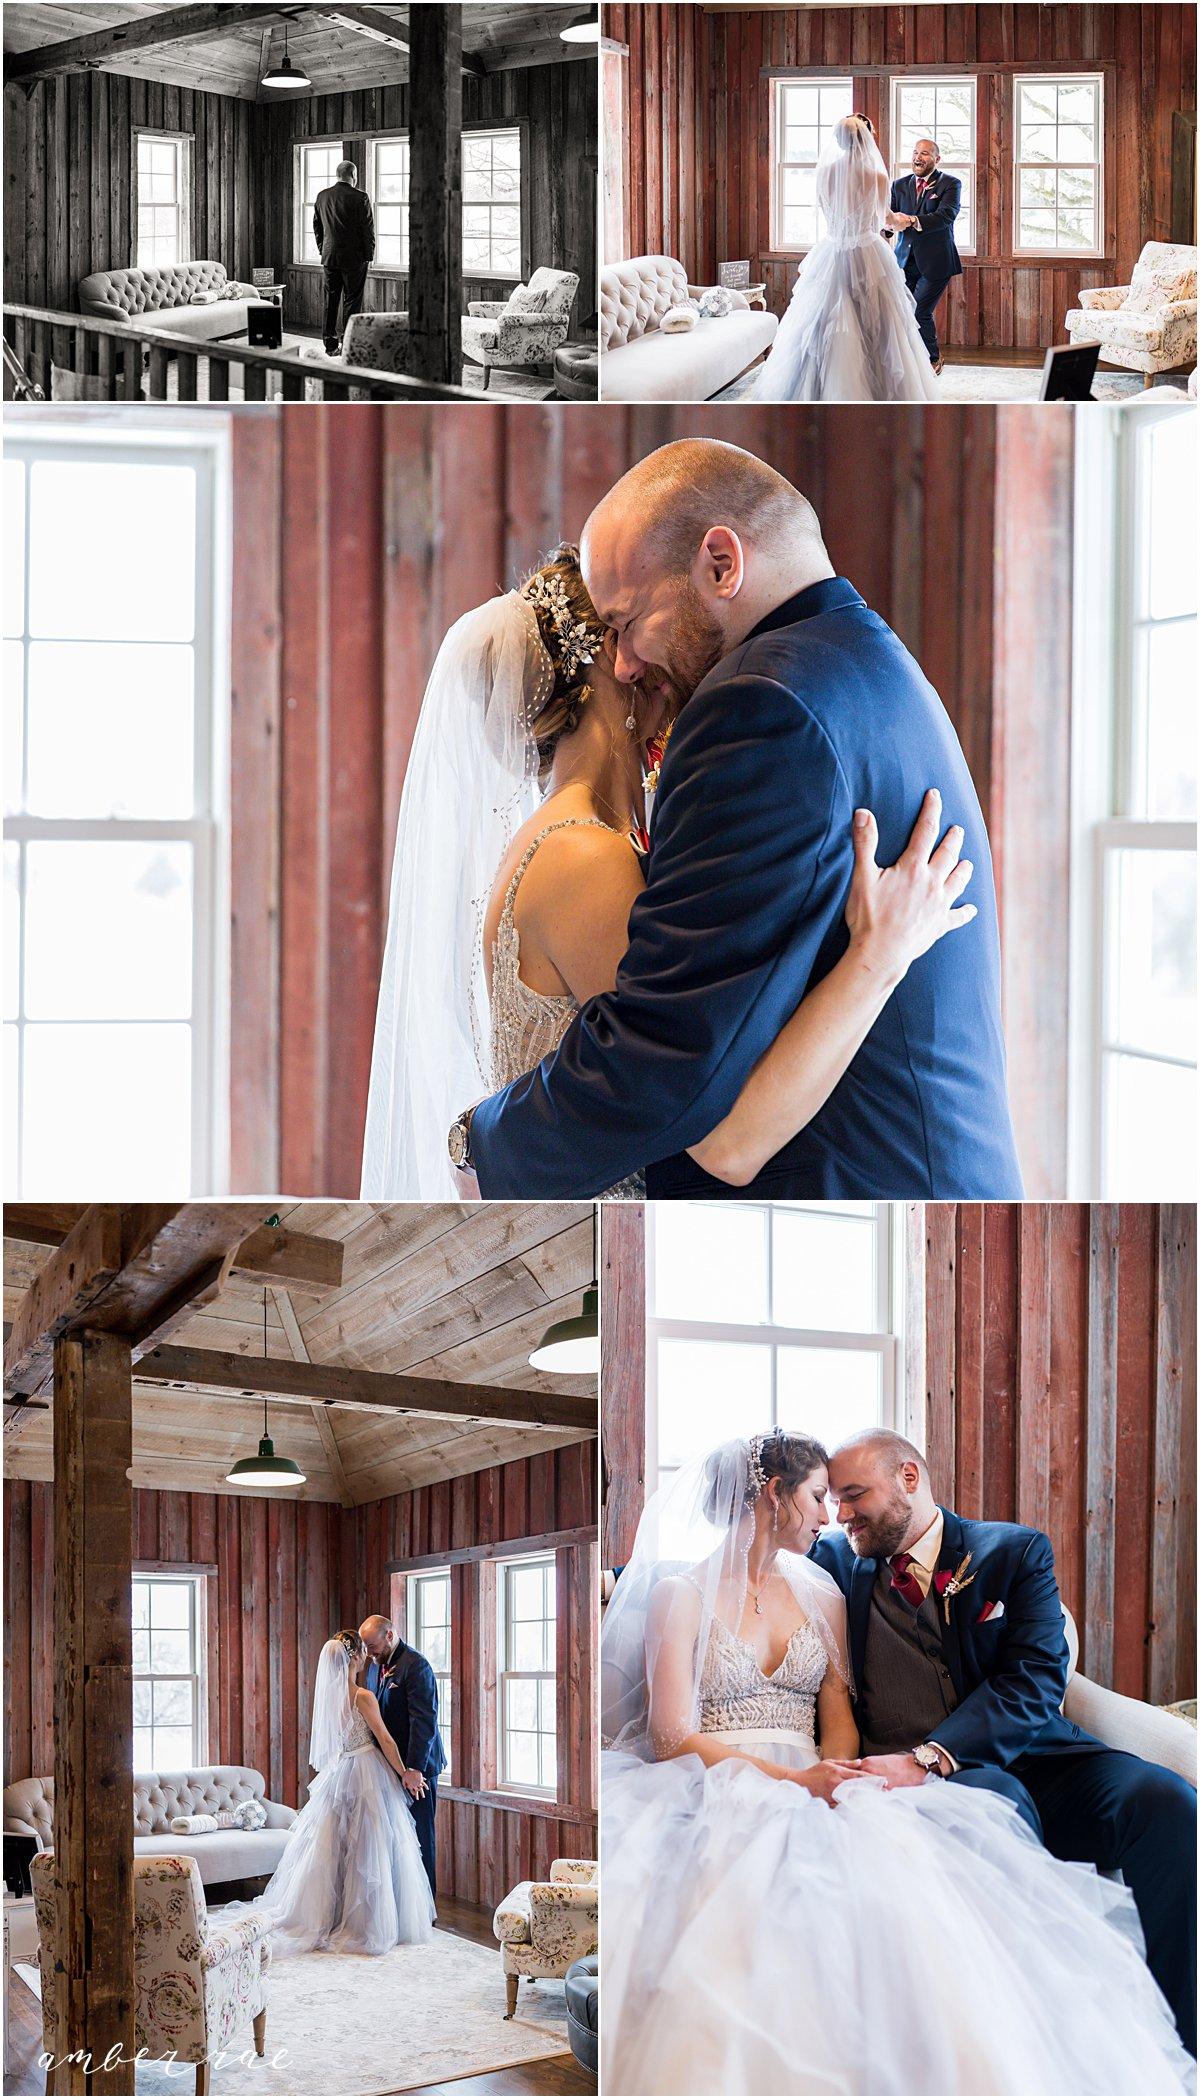 Helget Wedding Dec 2017_0012.jpg